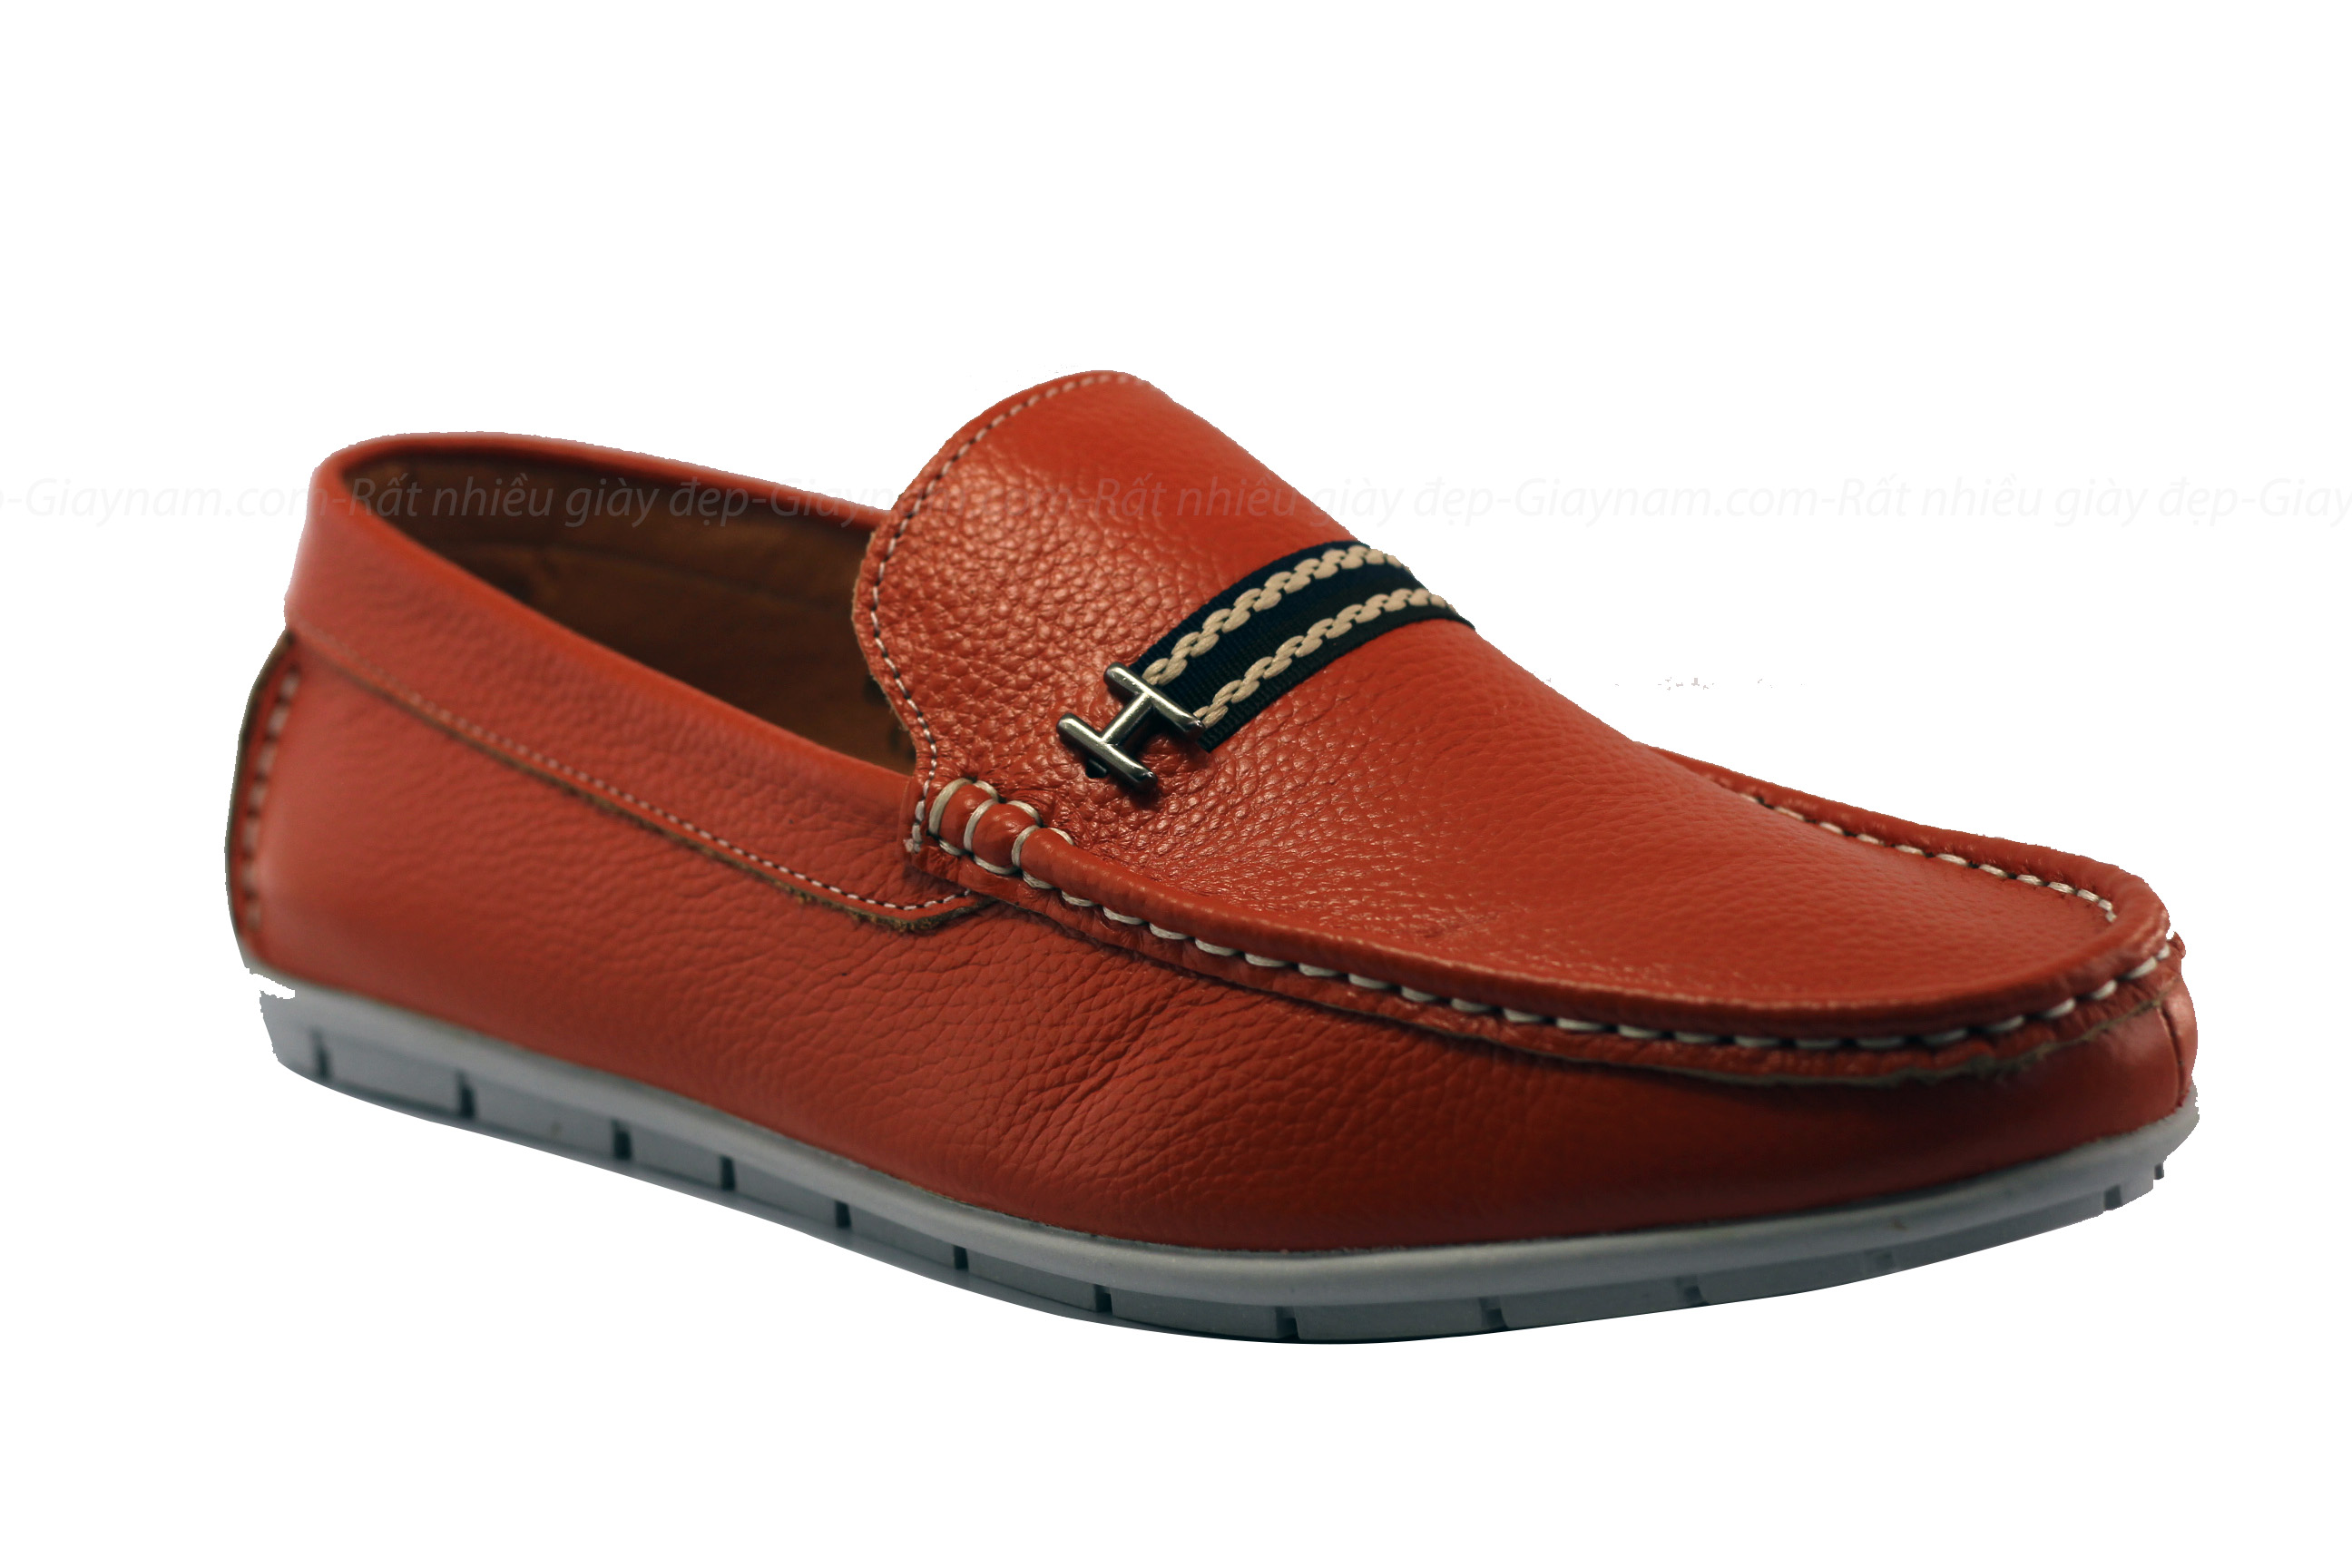 BST giày nam thời trang thu đông cá tính  mới nhất tại giaynam.com